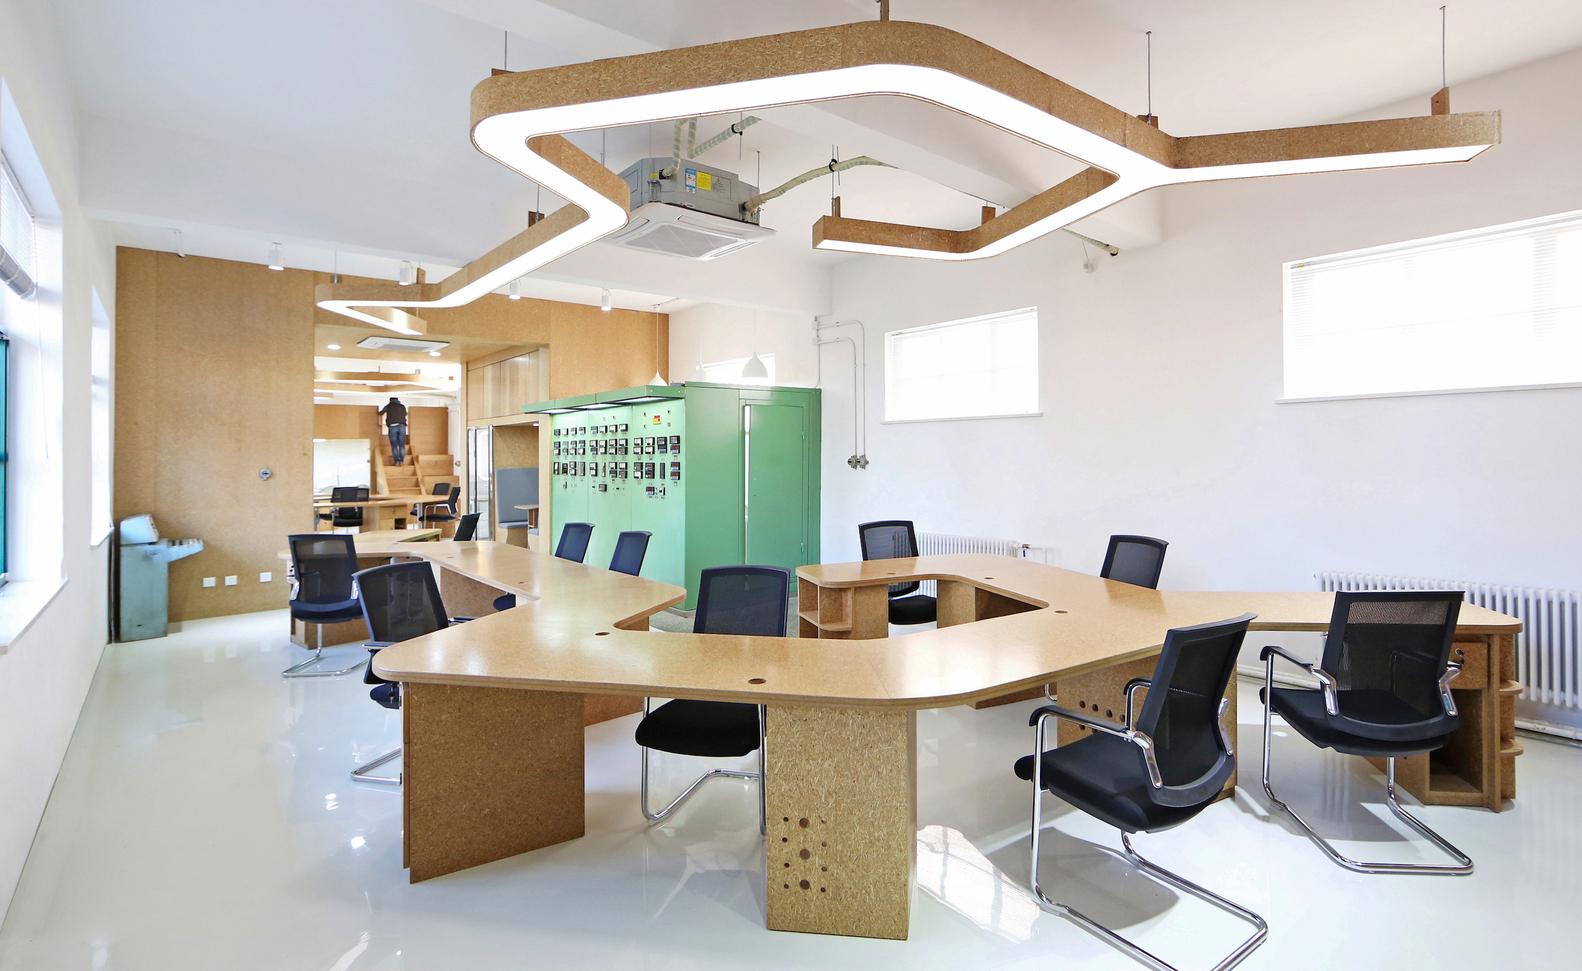 Nội thất Daitech mách bạn các lưu ý quan trọng phải nhớ khi lựa chọn ghế văn phòng